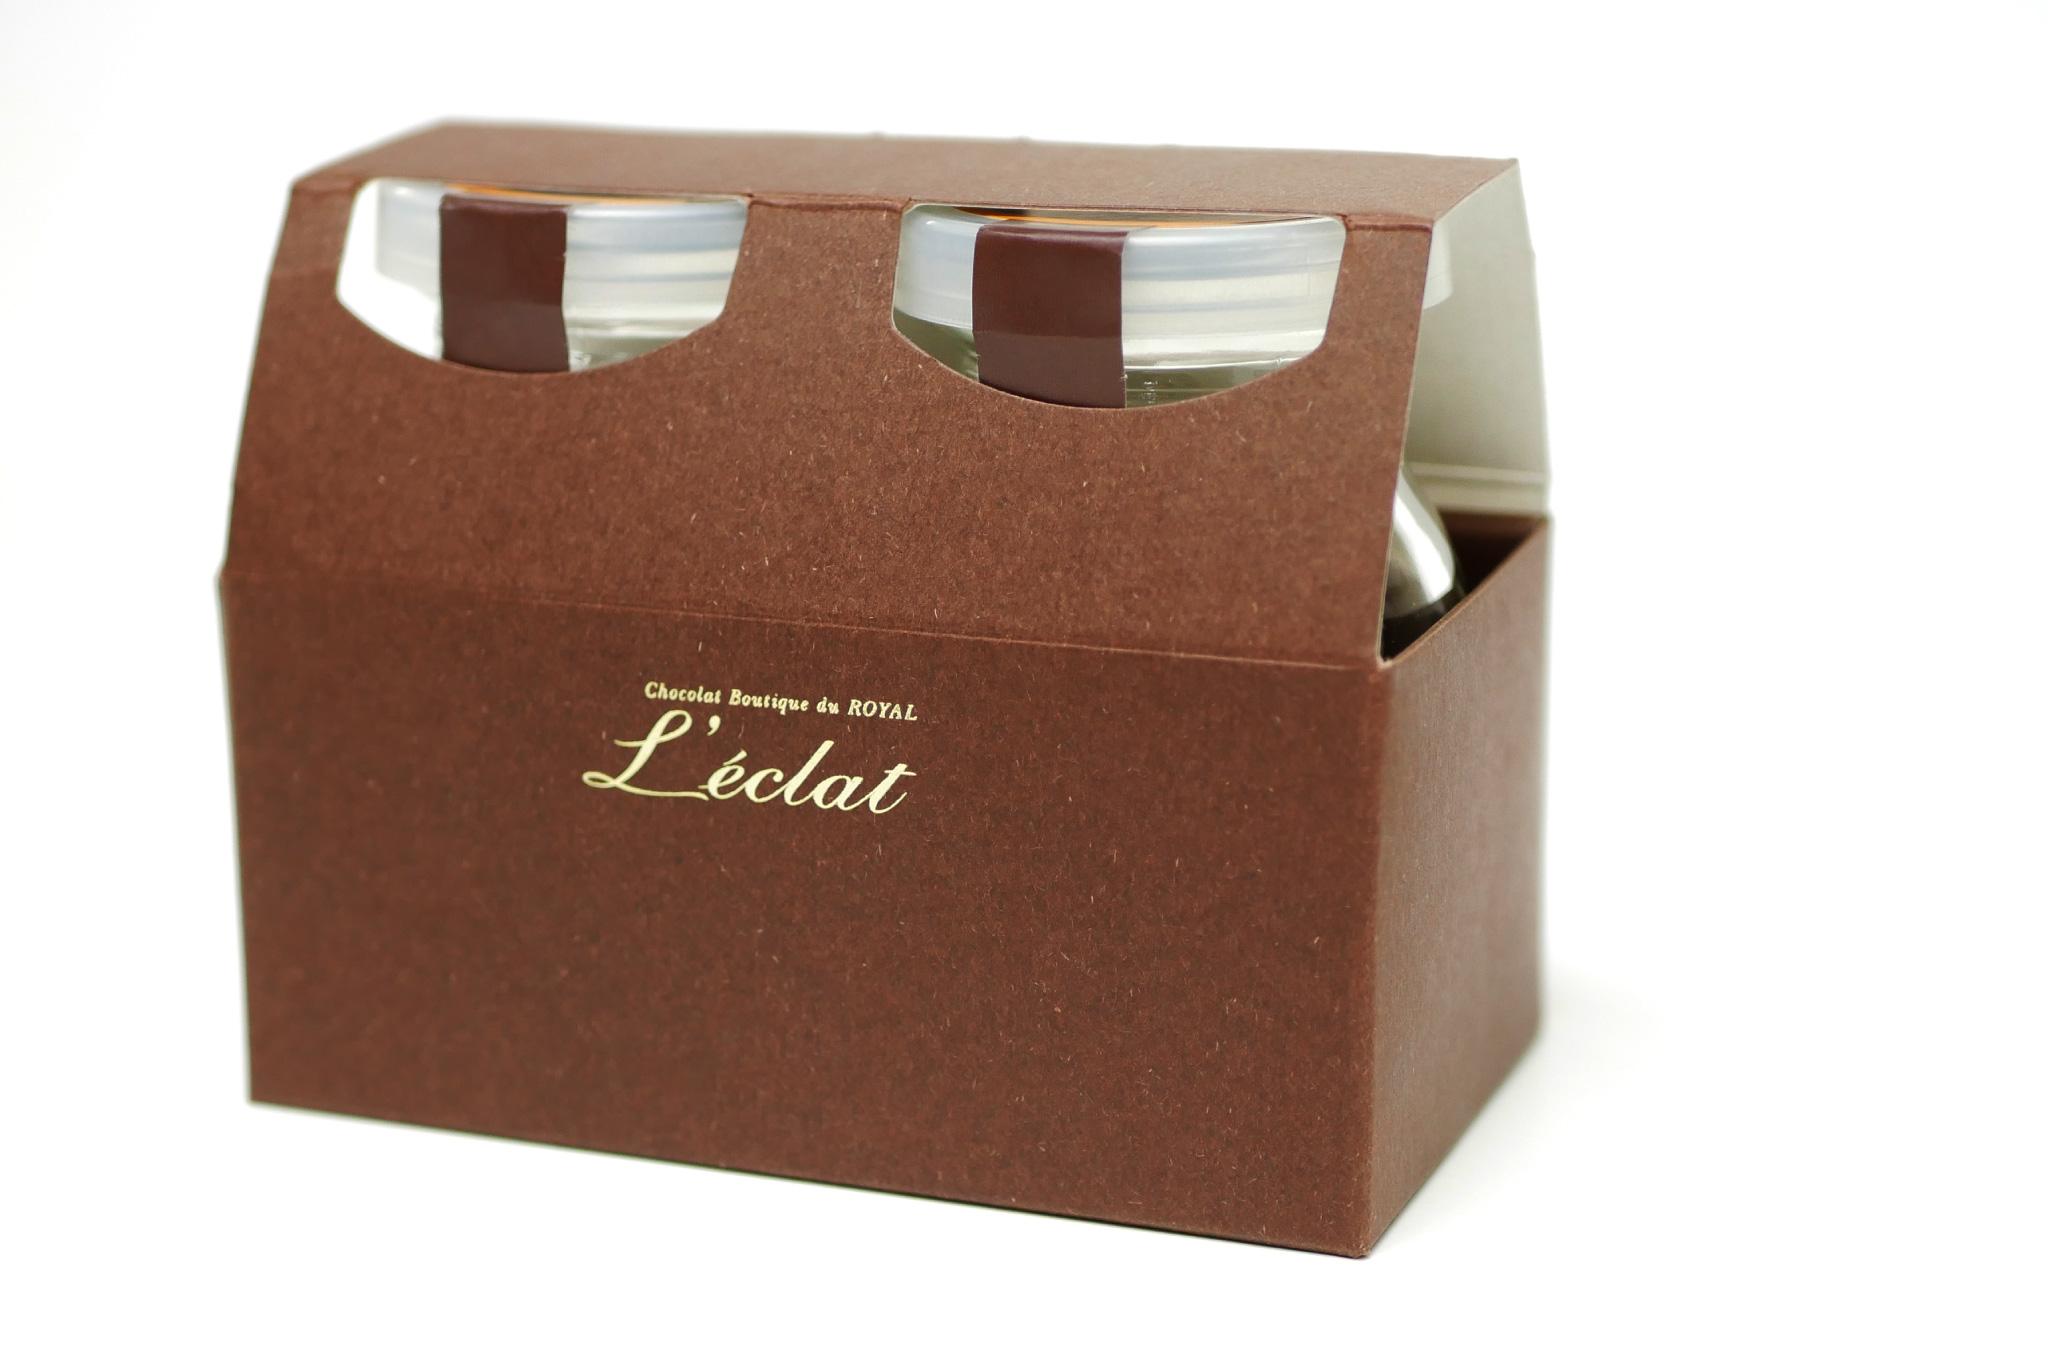 オリジナルパッケージ|トムソン箱|プリン|洋菓子